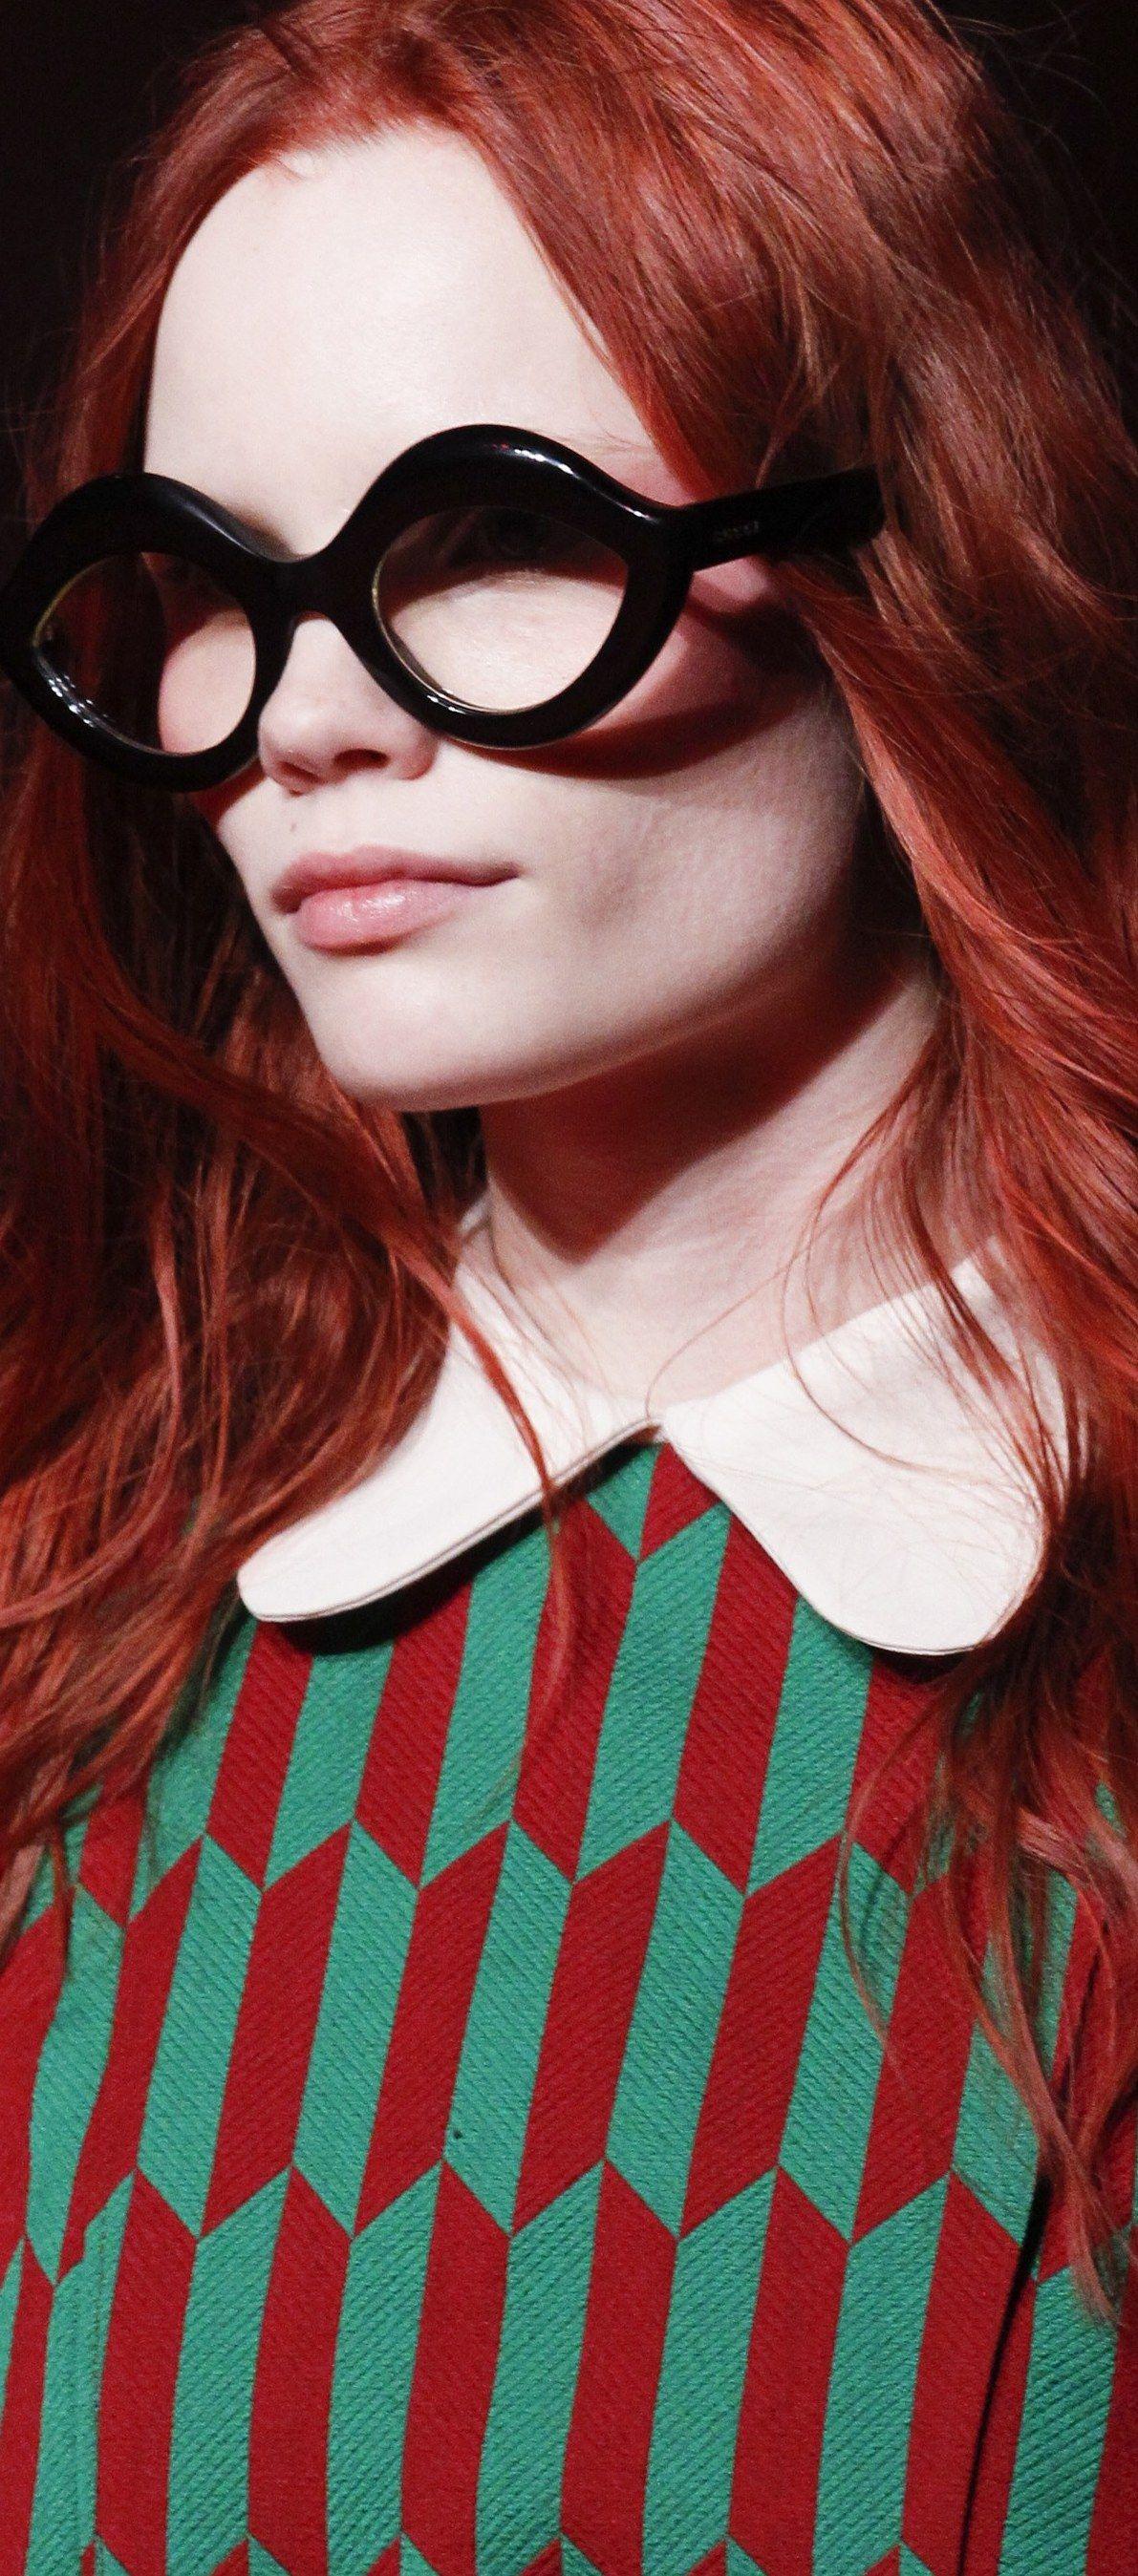 Pin de Cemil Tatari em Gucci   Pinterest ffcc4b700c